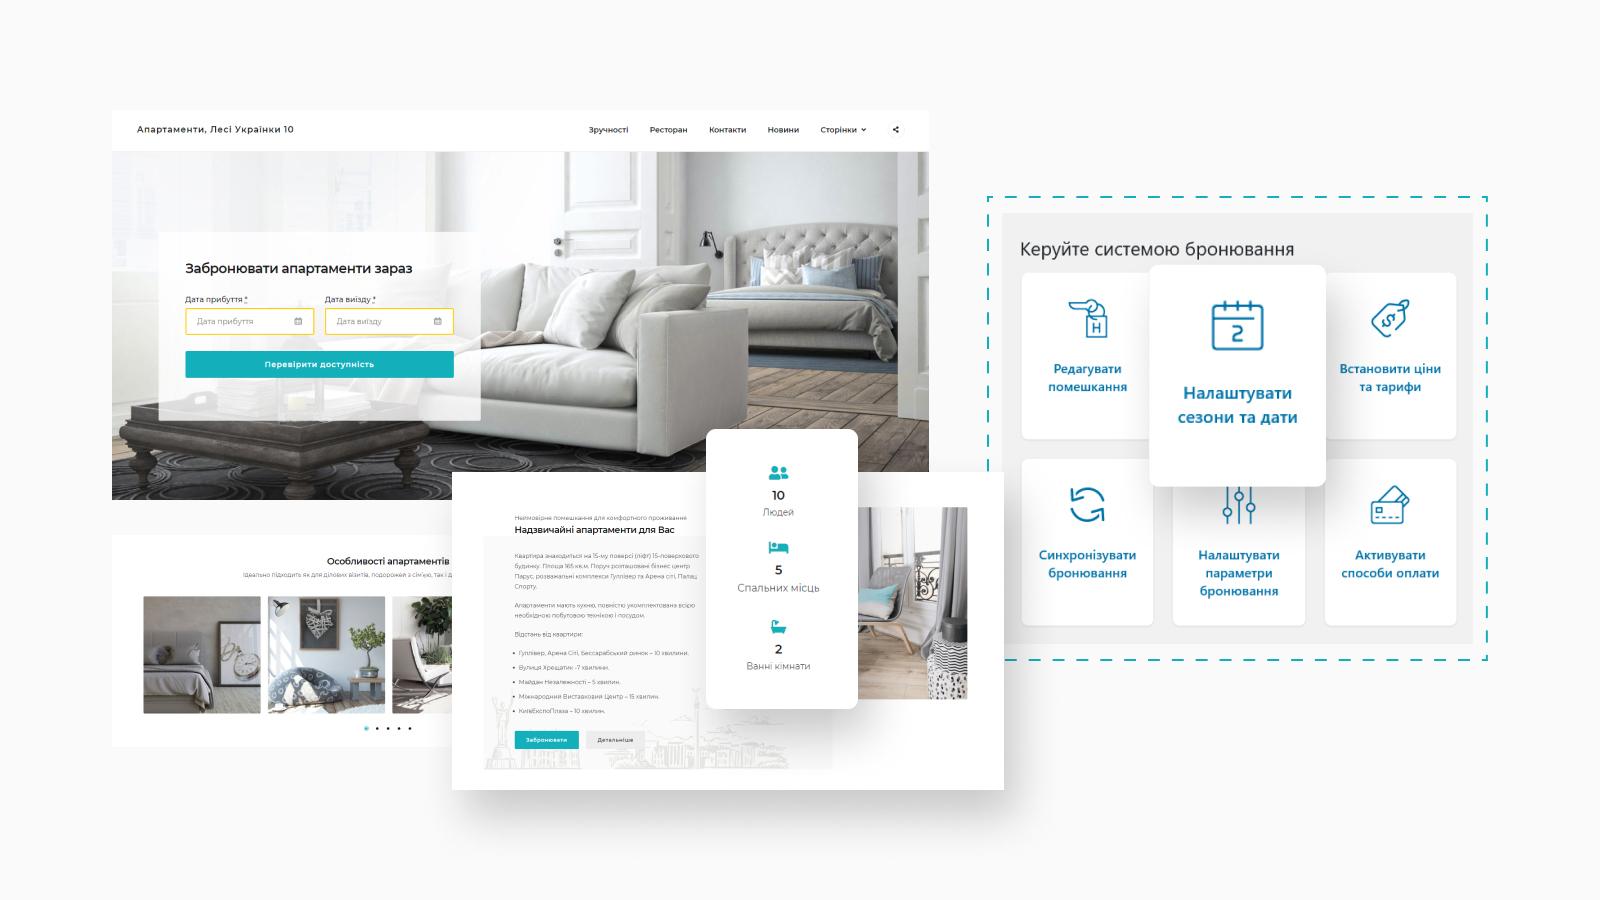 Нова вебплатформа Мій Готель: Найпростіший спосіб створити сайт для готелю в Україні